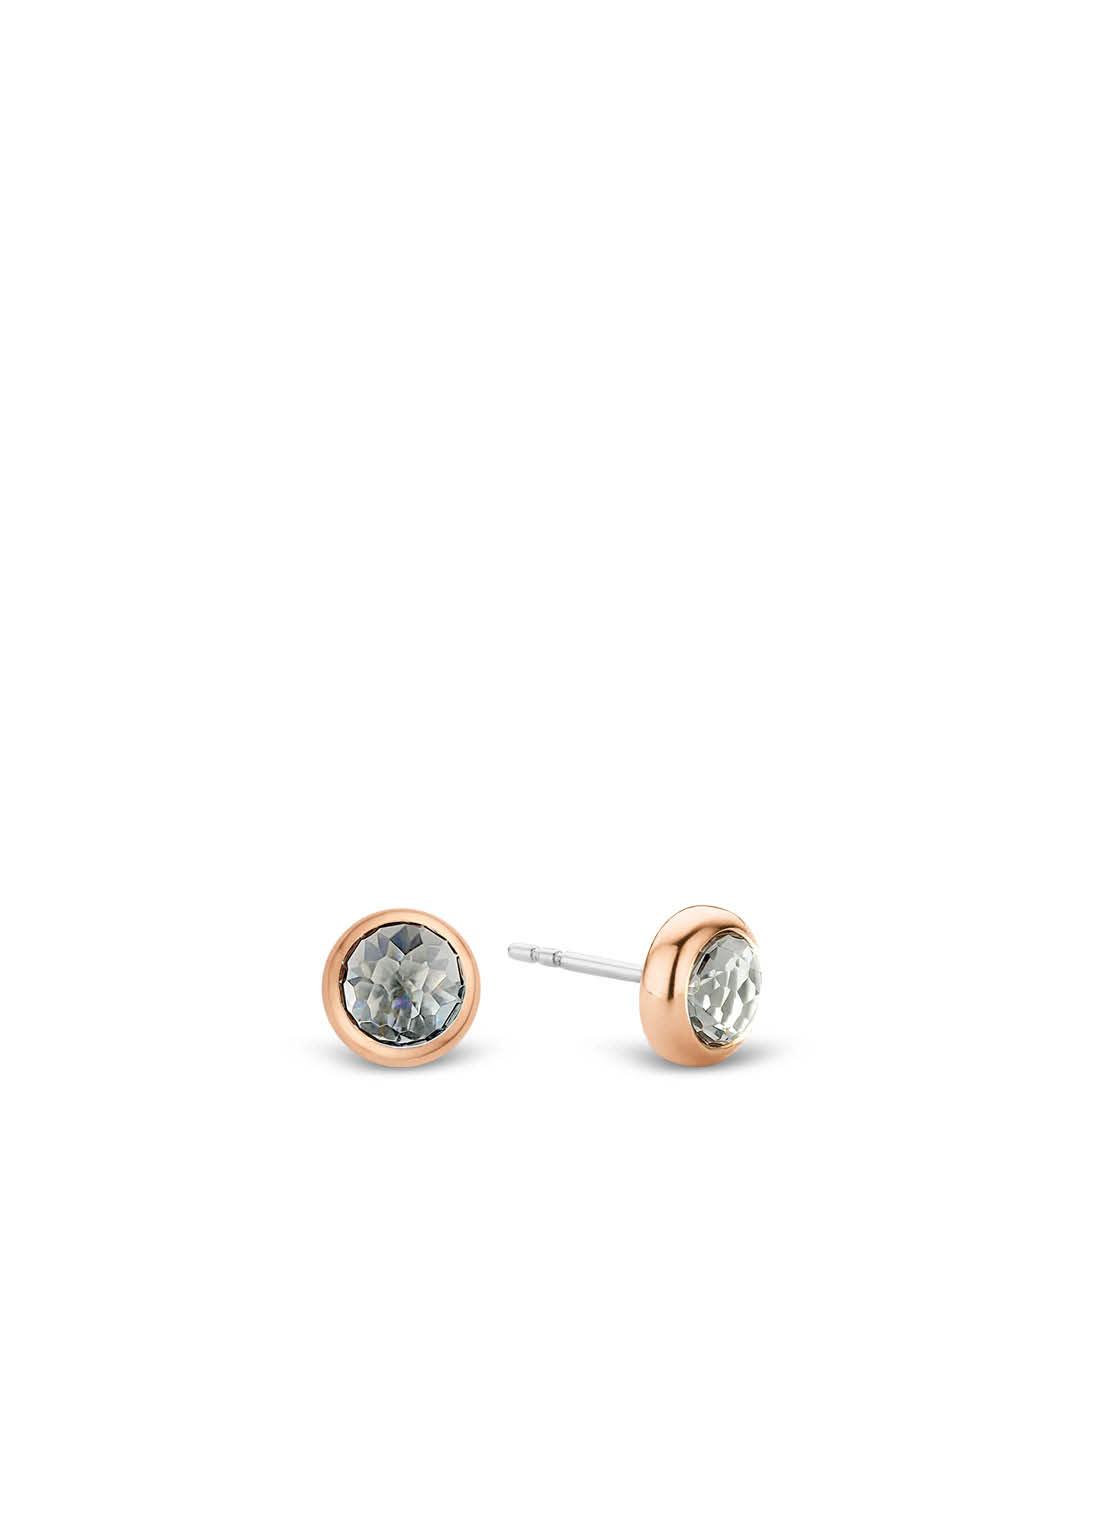 TI SENTO - Milano Earrings 7748GB-2